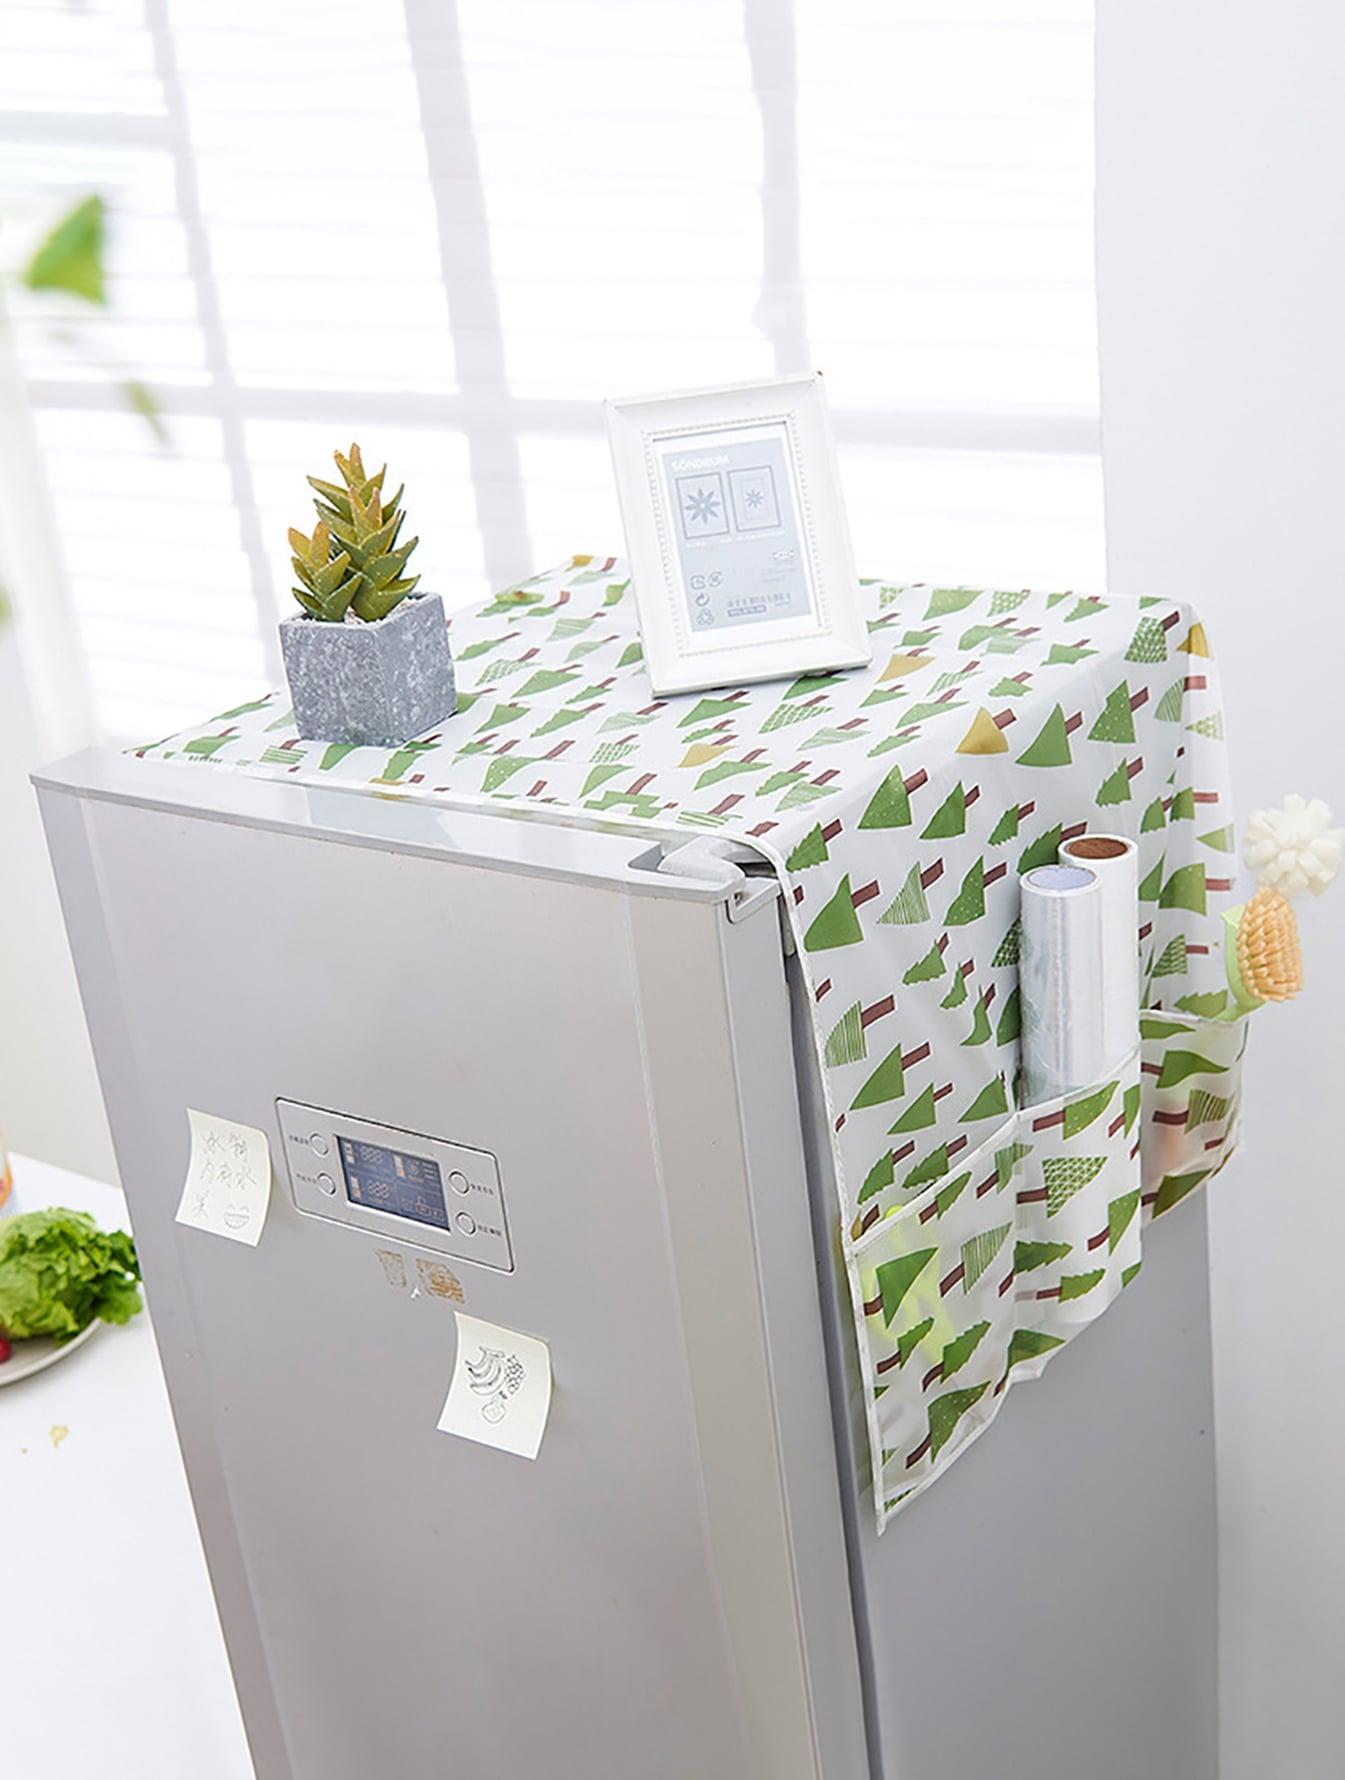 Купить Пылезащитный чехол для холодильника с принтом дерева, null, SheIn